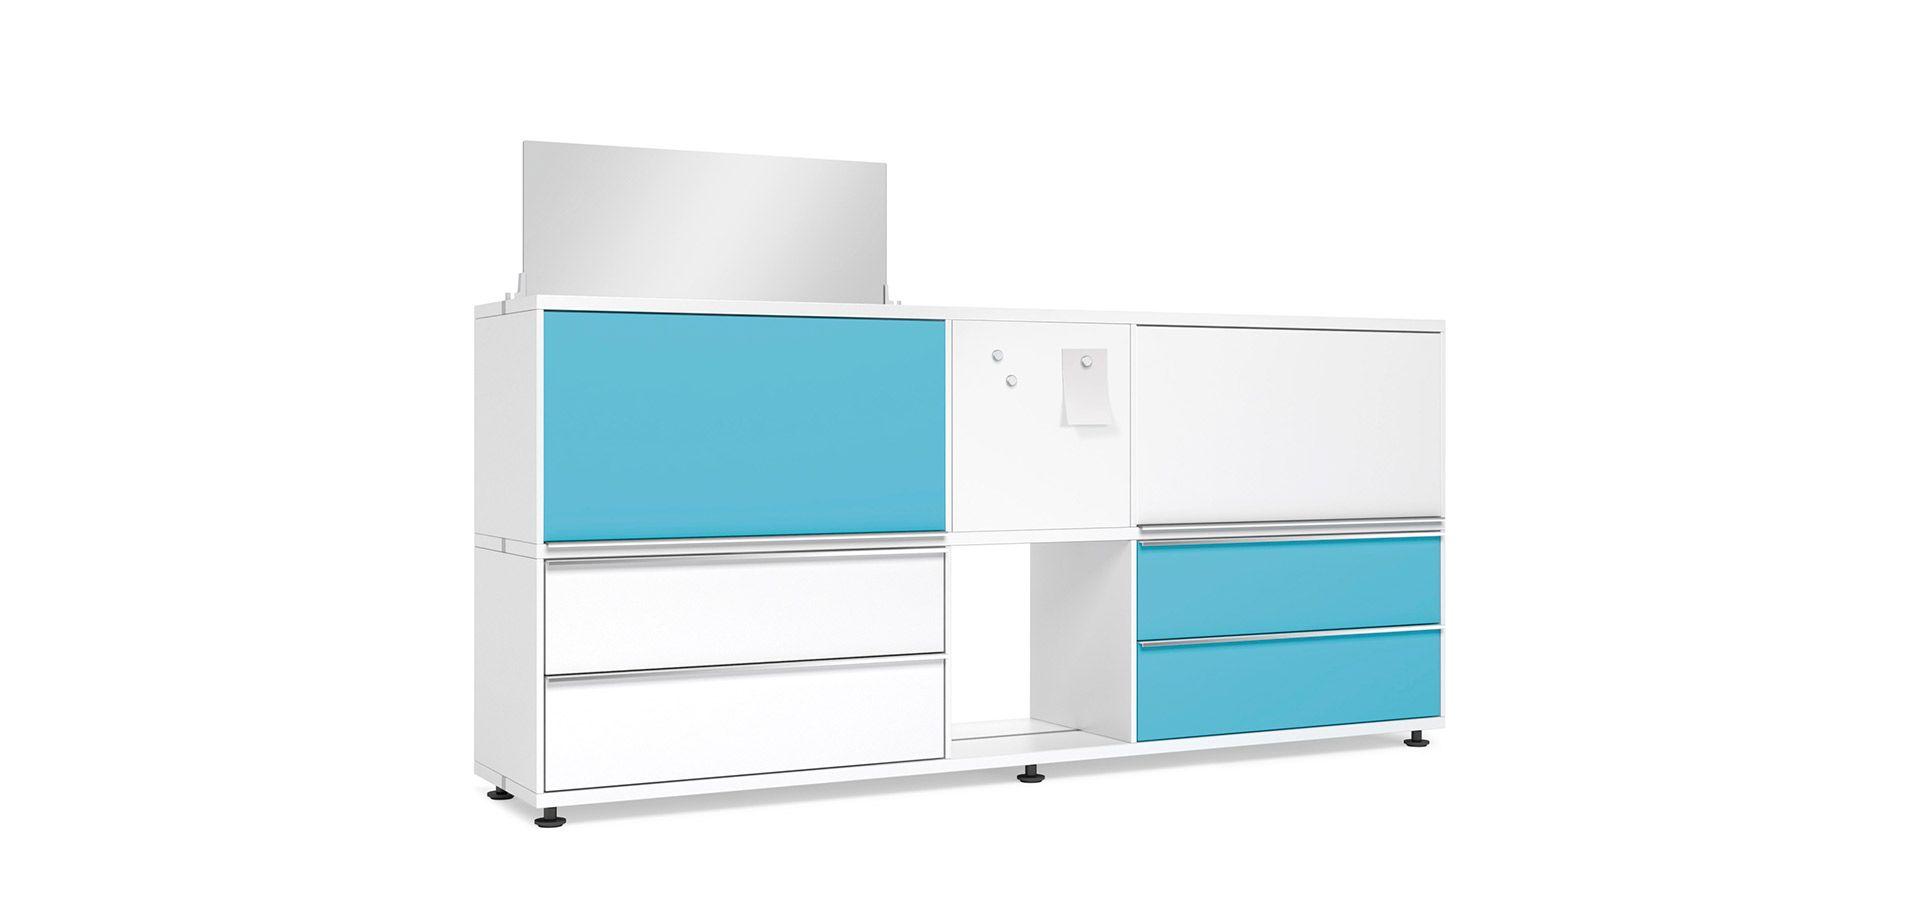 Sedus - Einer der europaweit führenden Hersteller von hochwertigen Büromöbeln